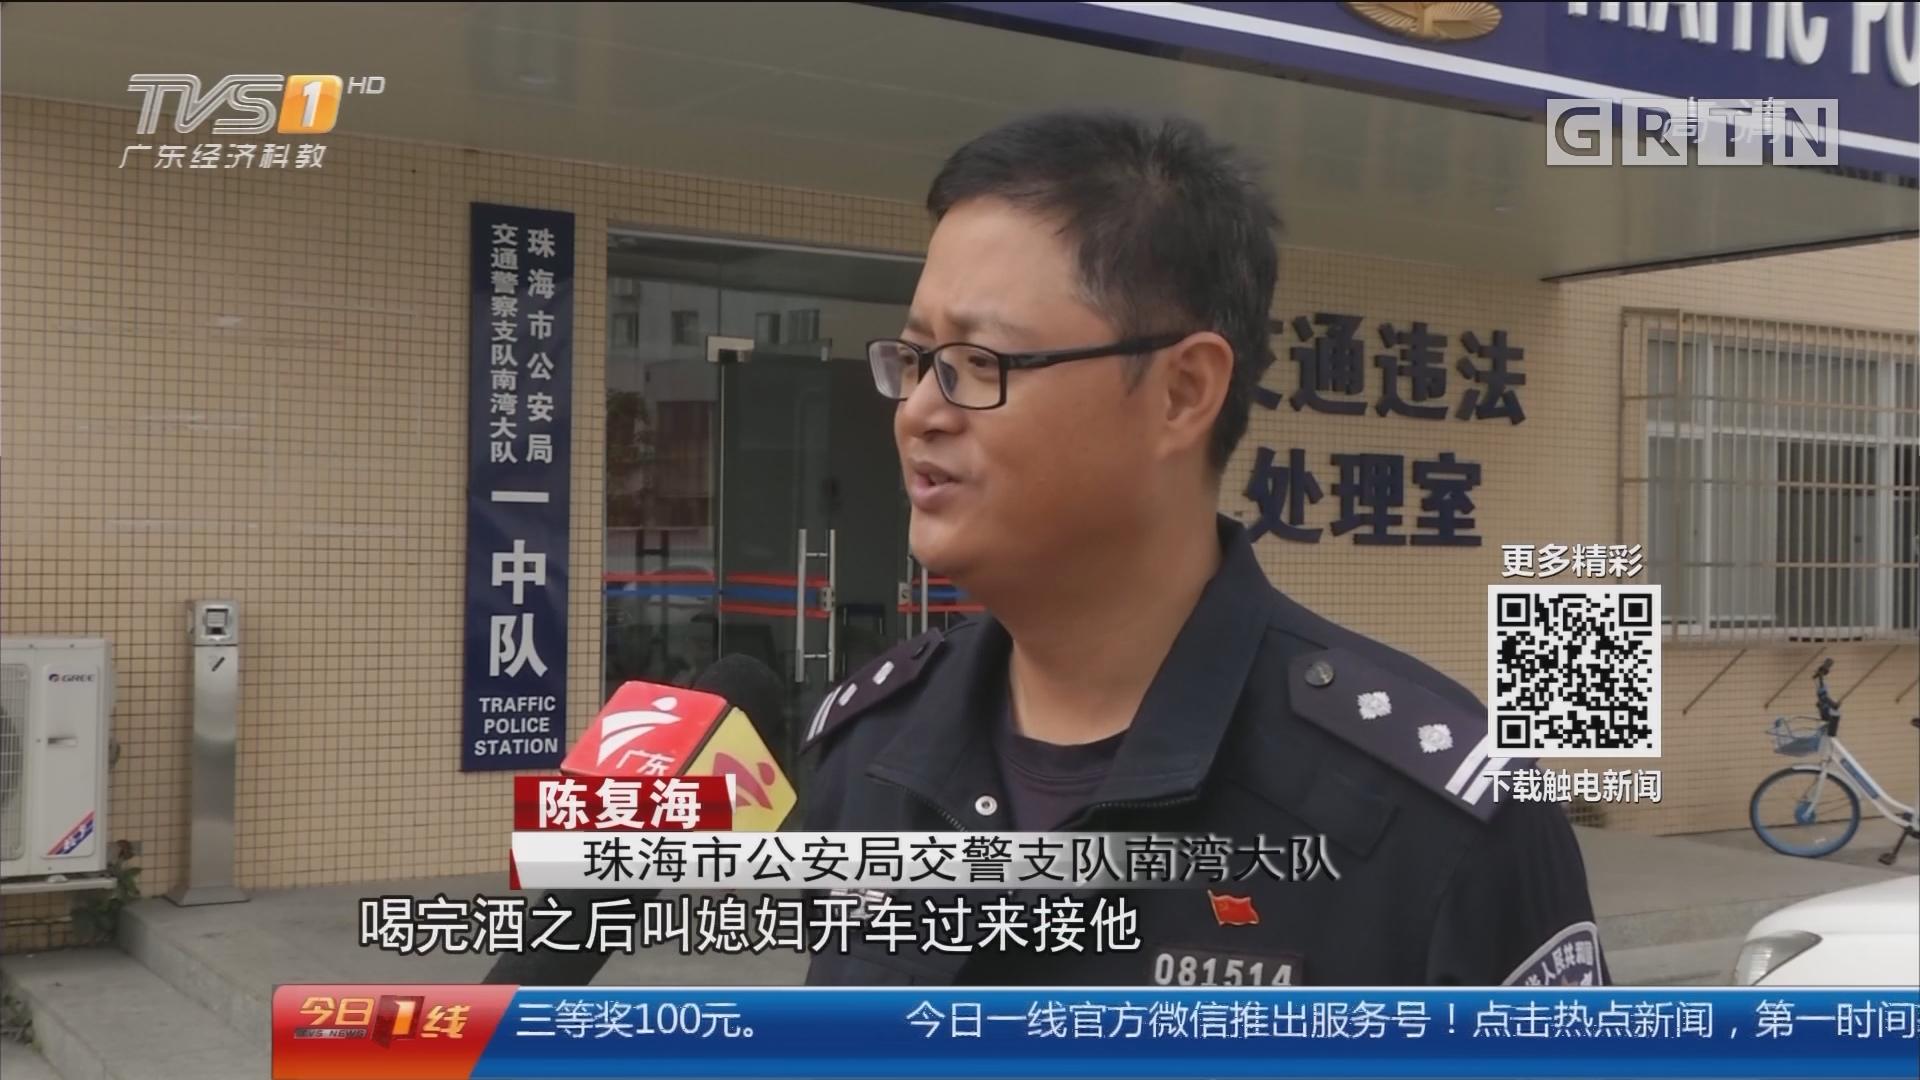 珠海香洲:开车遭妻扇耳光 司机怒撞交警被刑拘